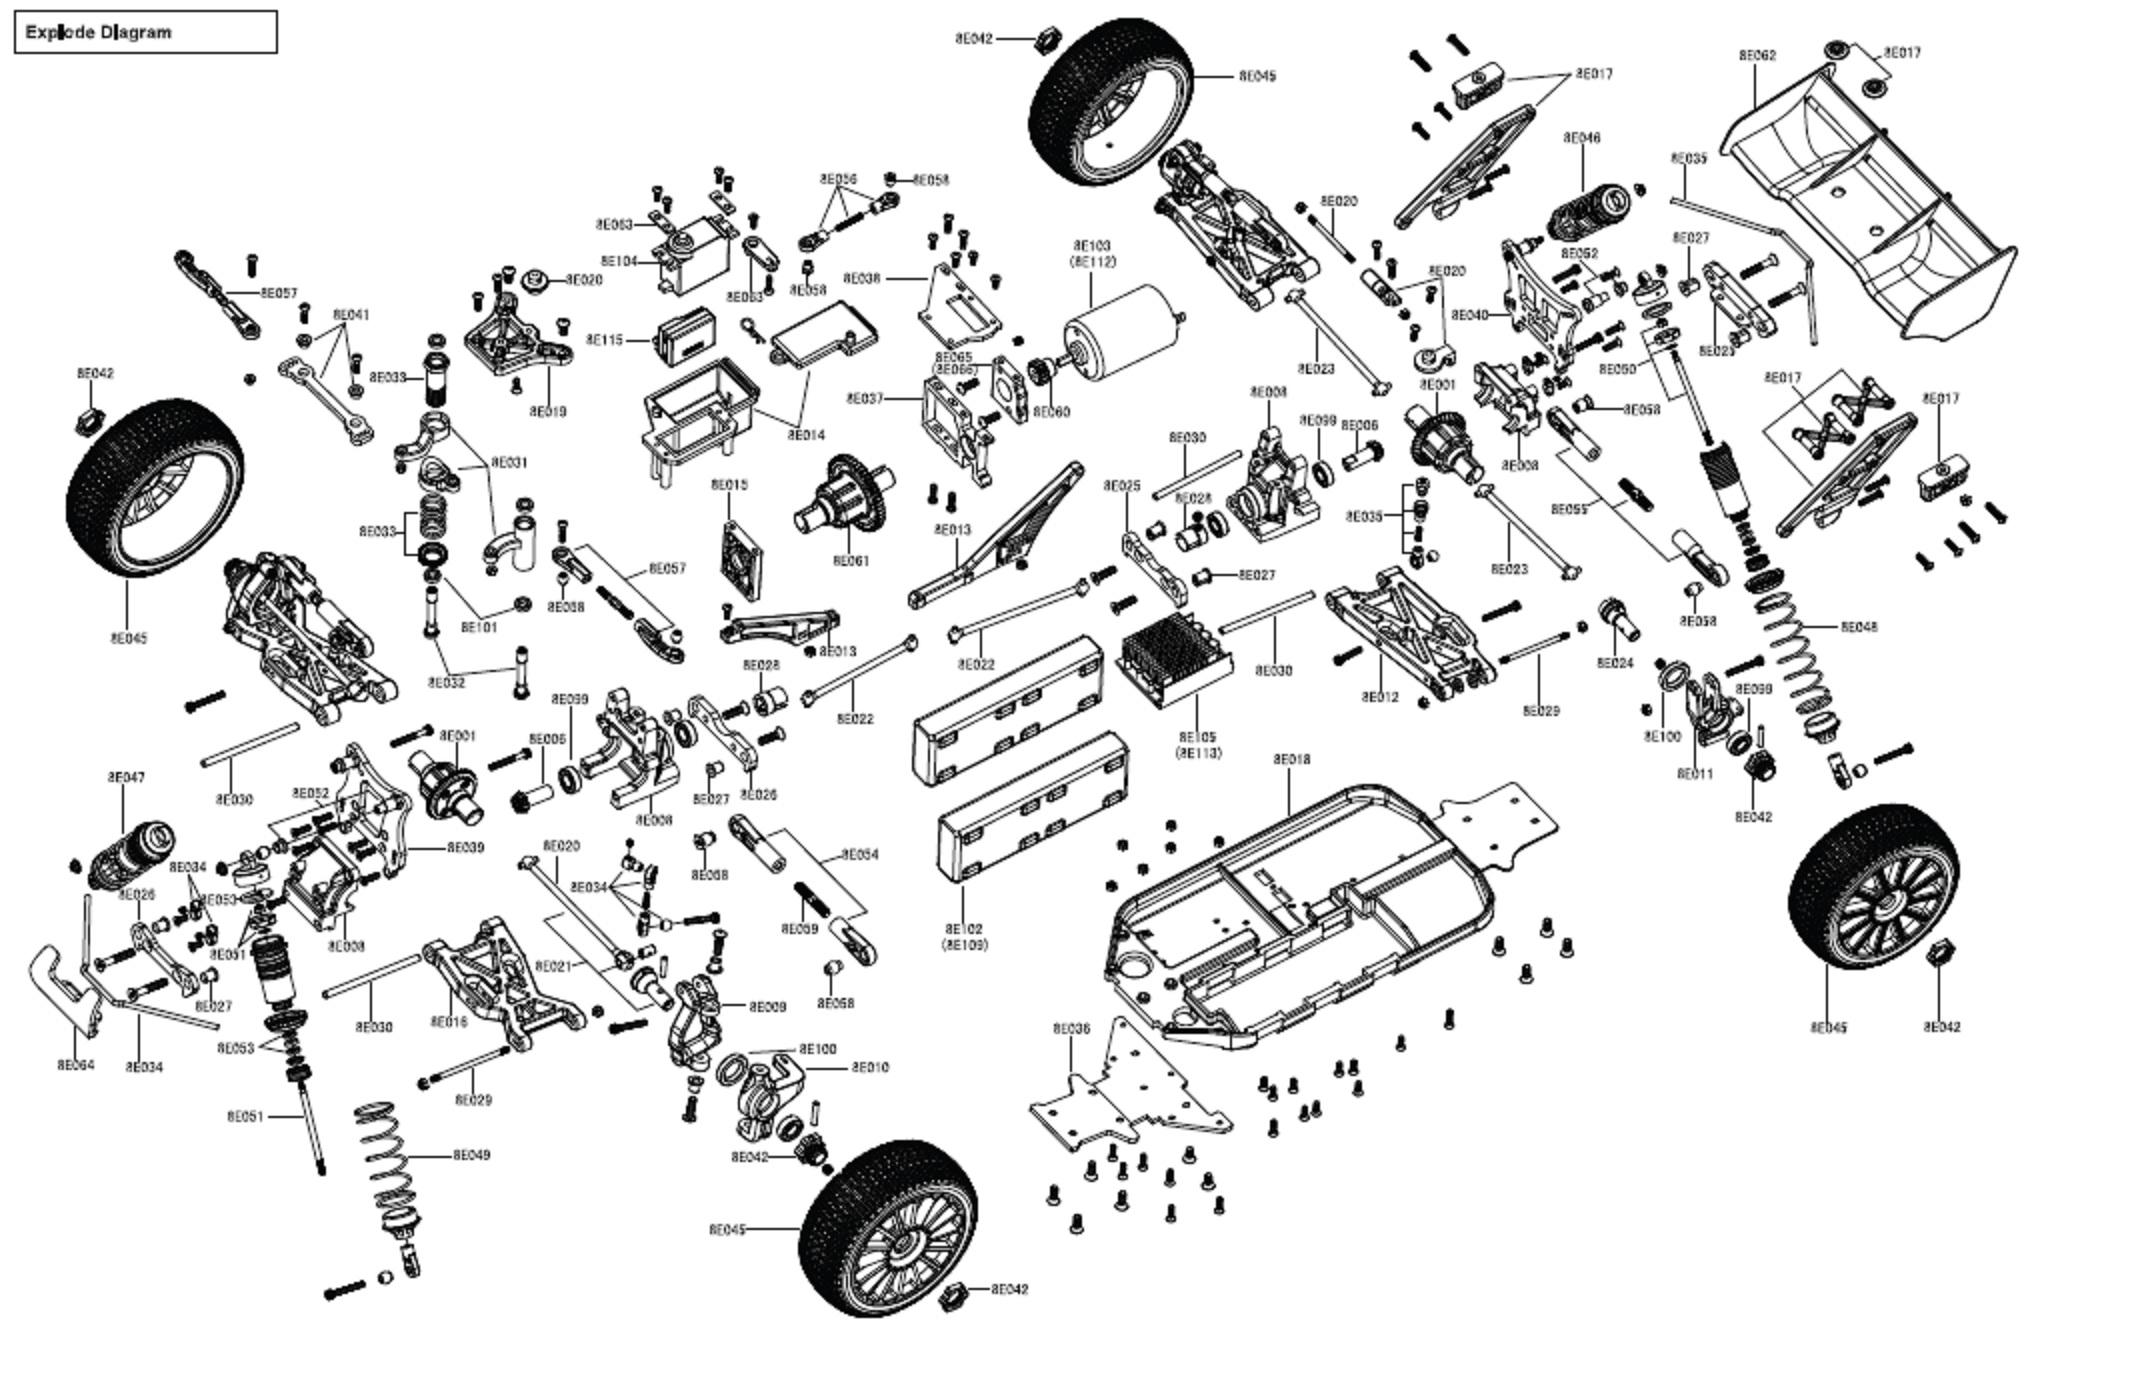 traxxas Motor diagram